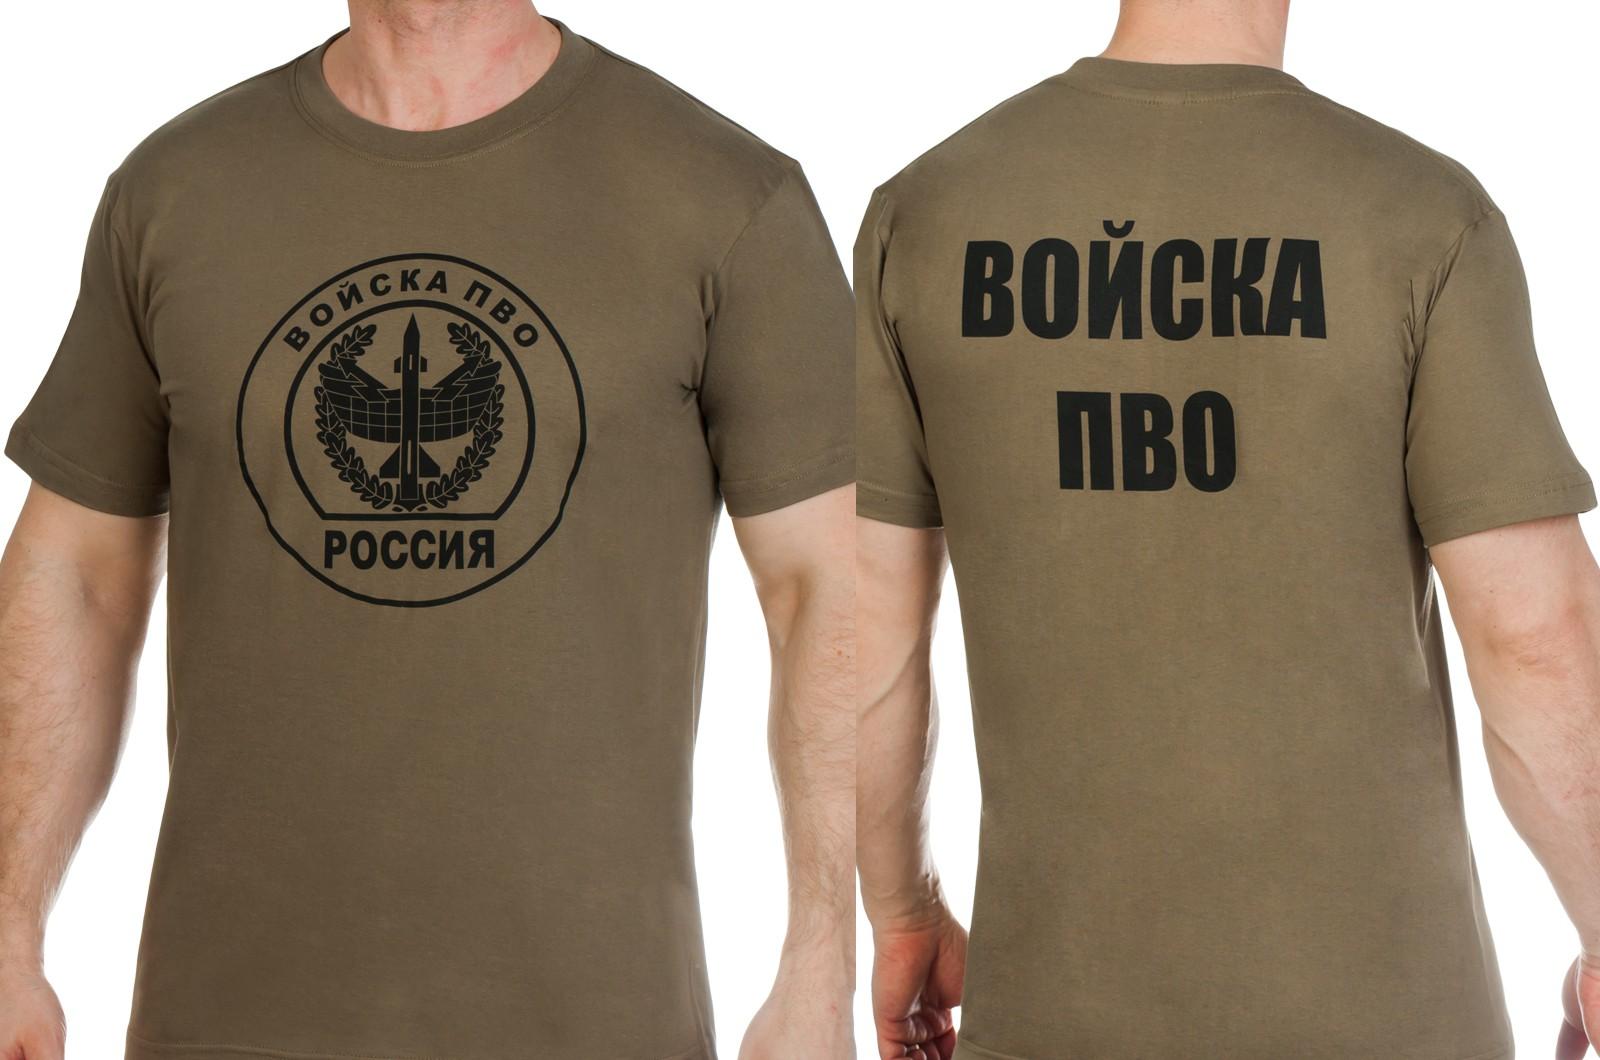 Заказать футболки с эмблемой Войск ПВО